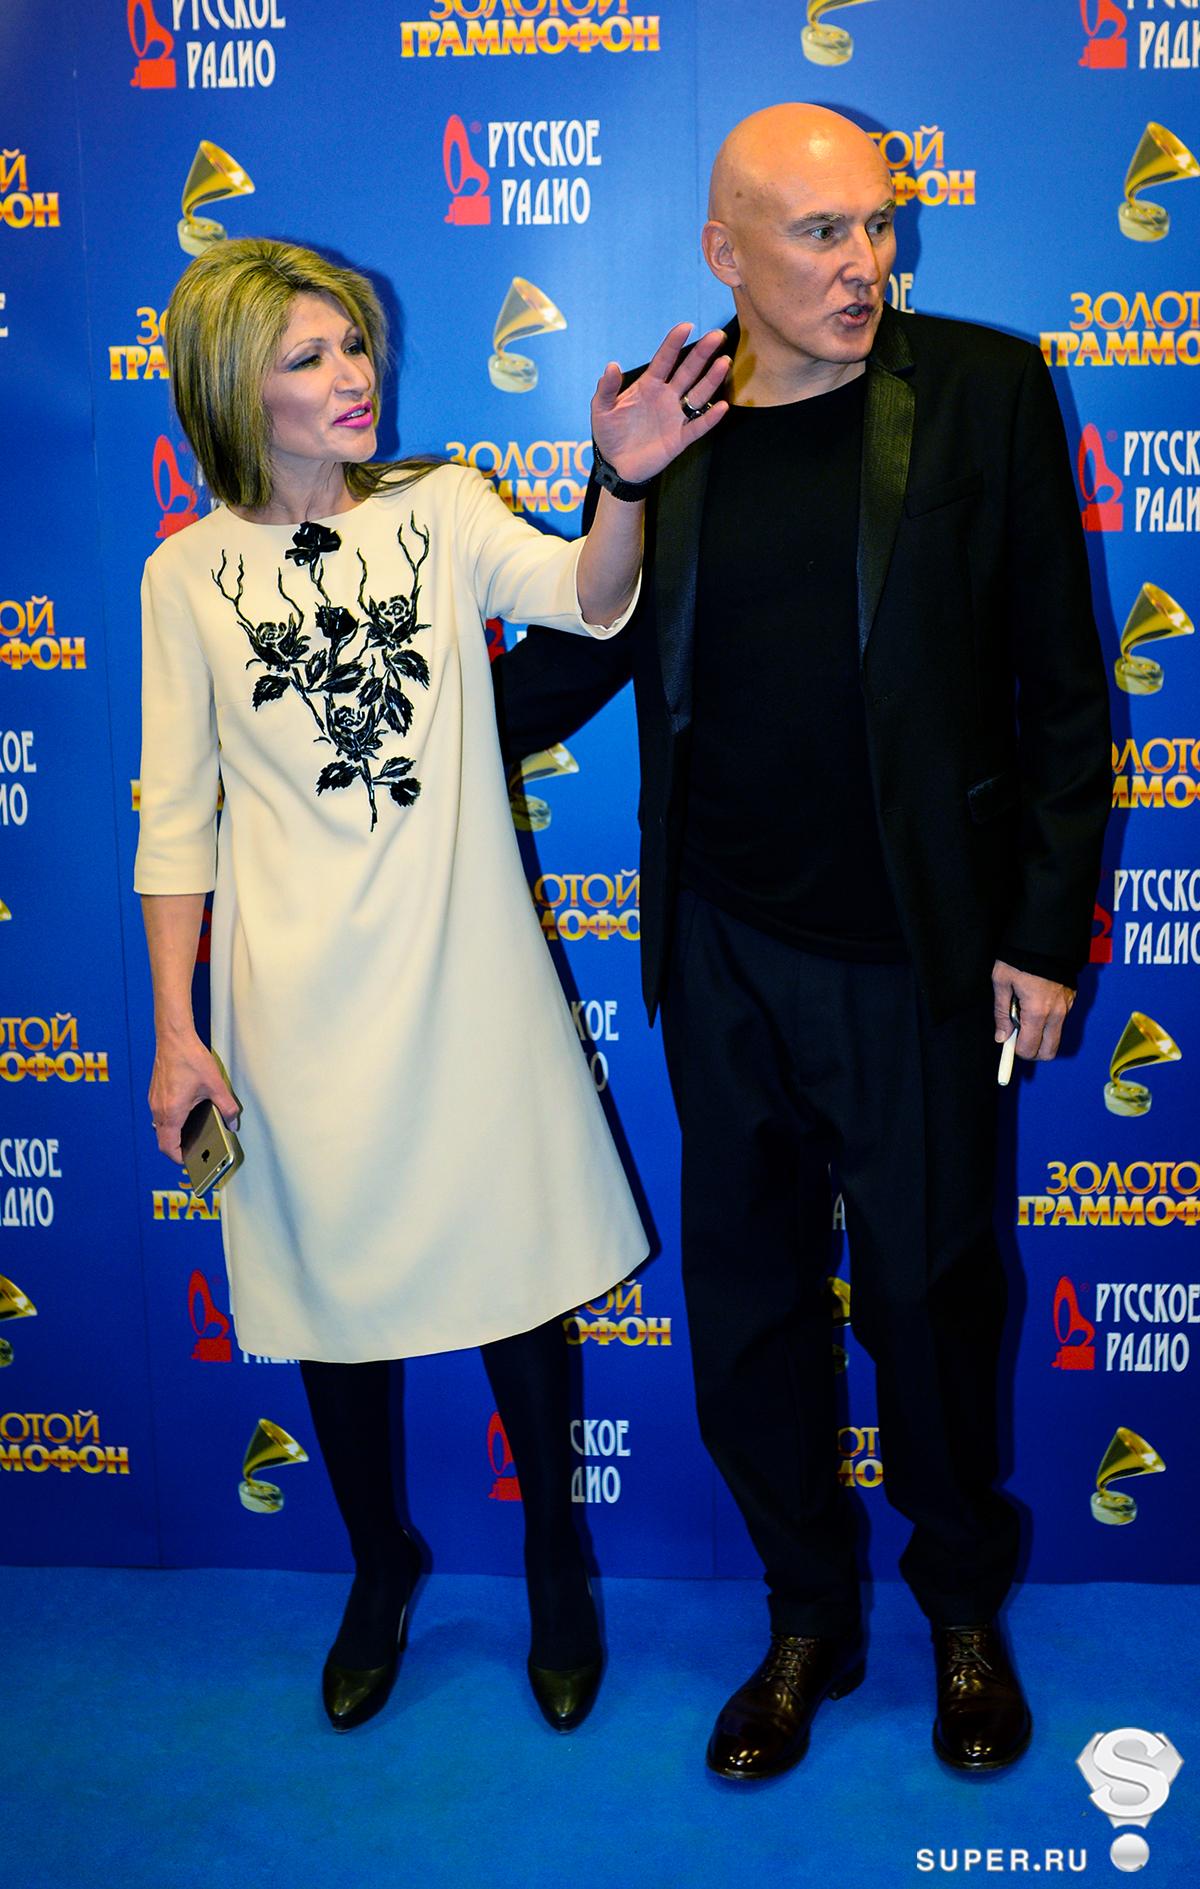 Джахан Поллыева и Игорь Матвиенко